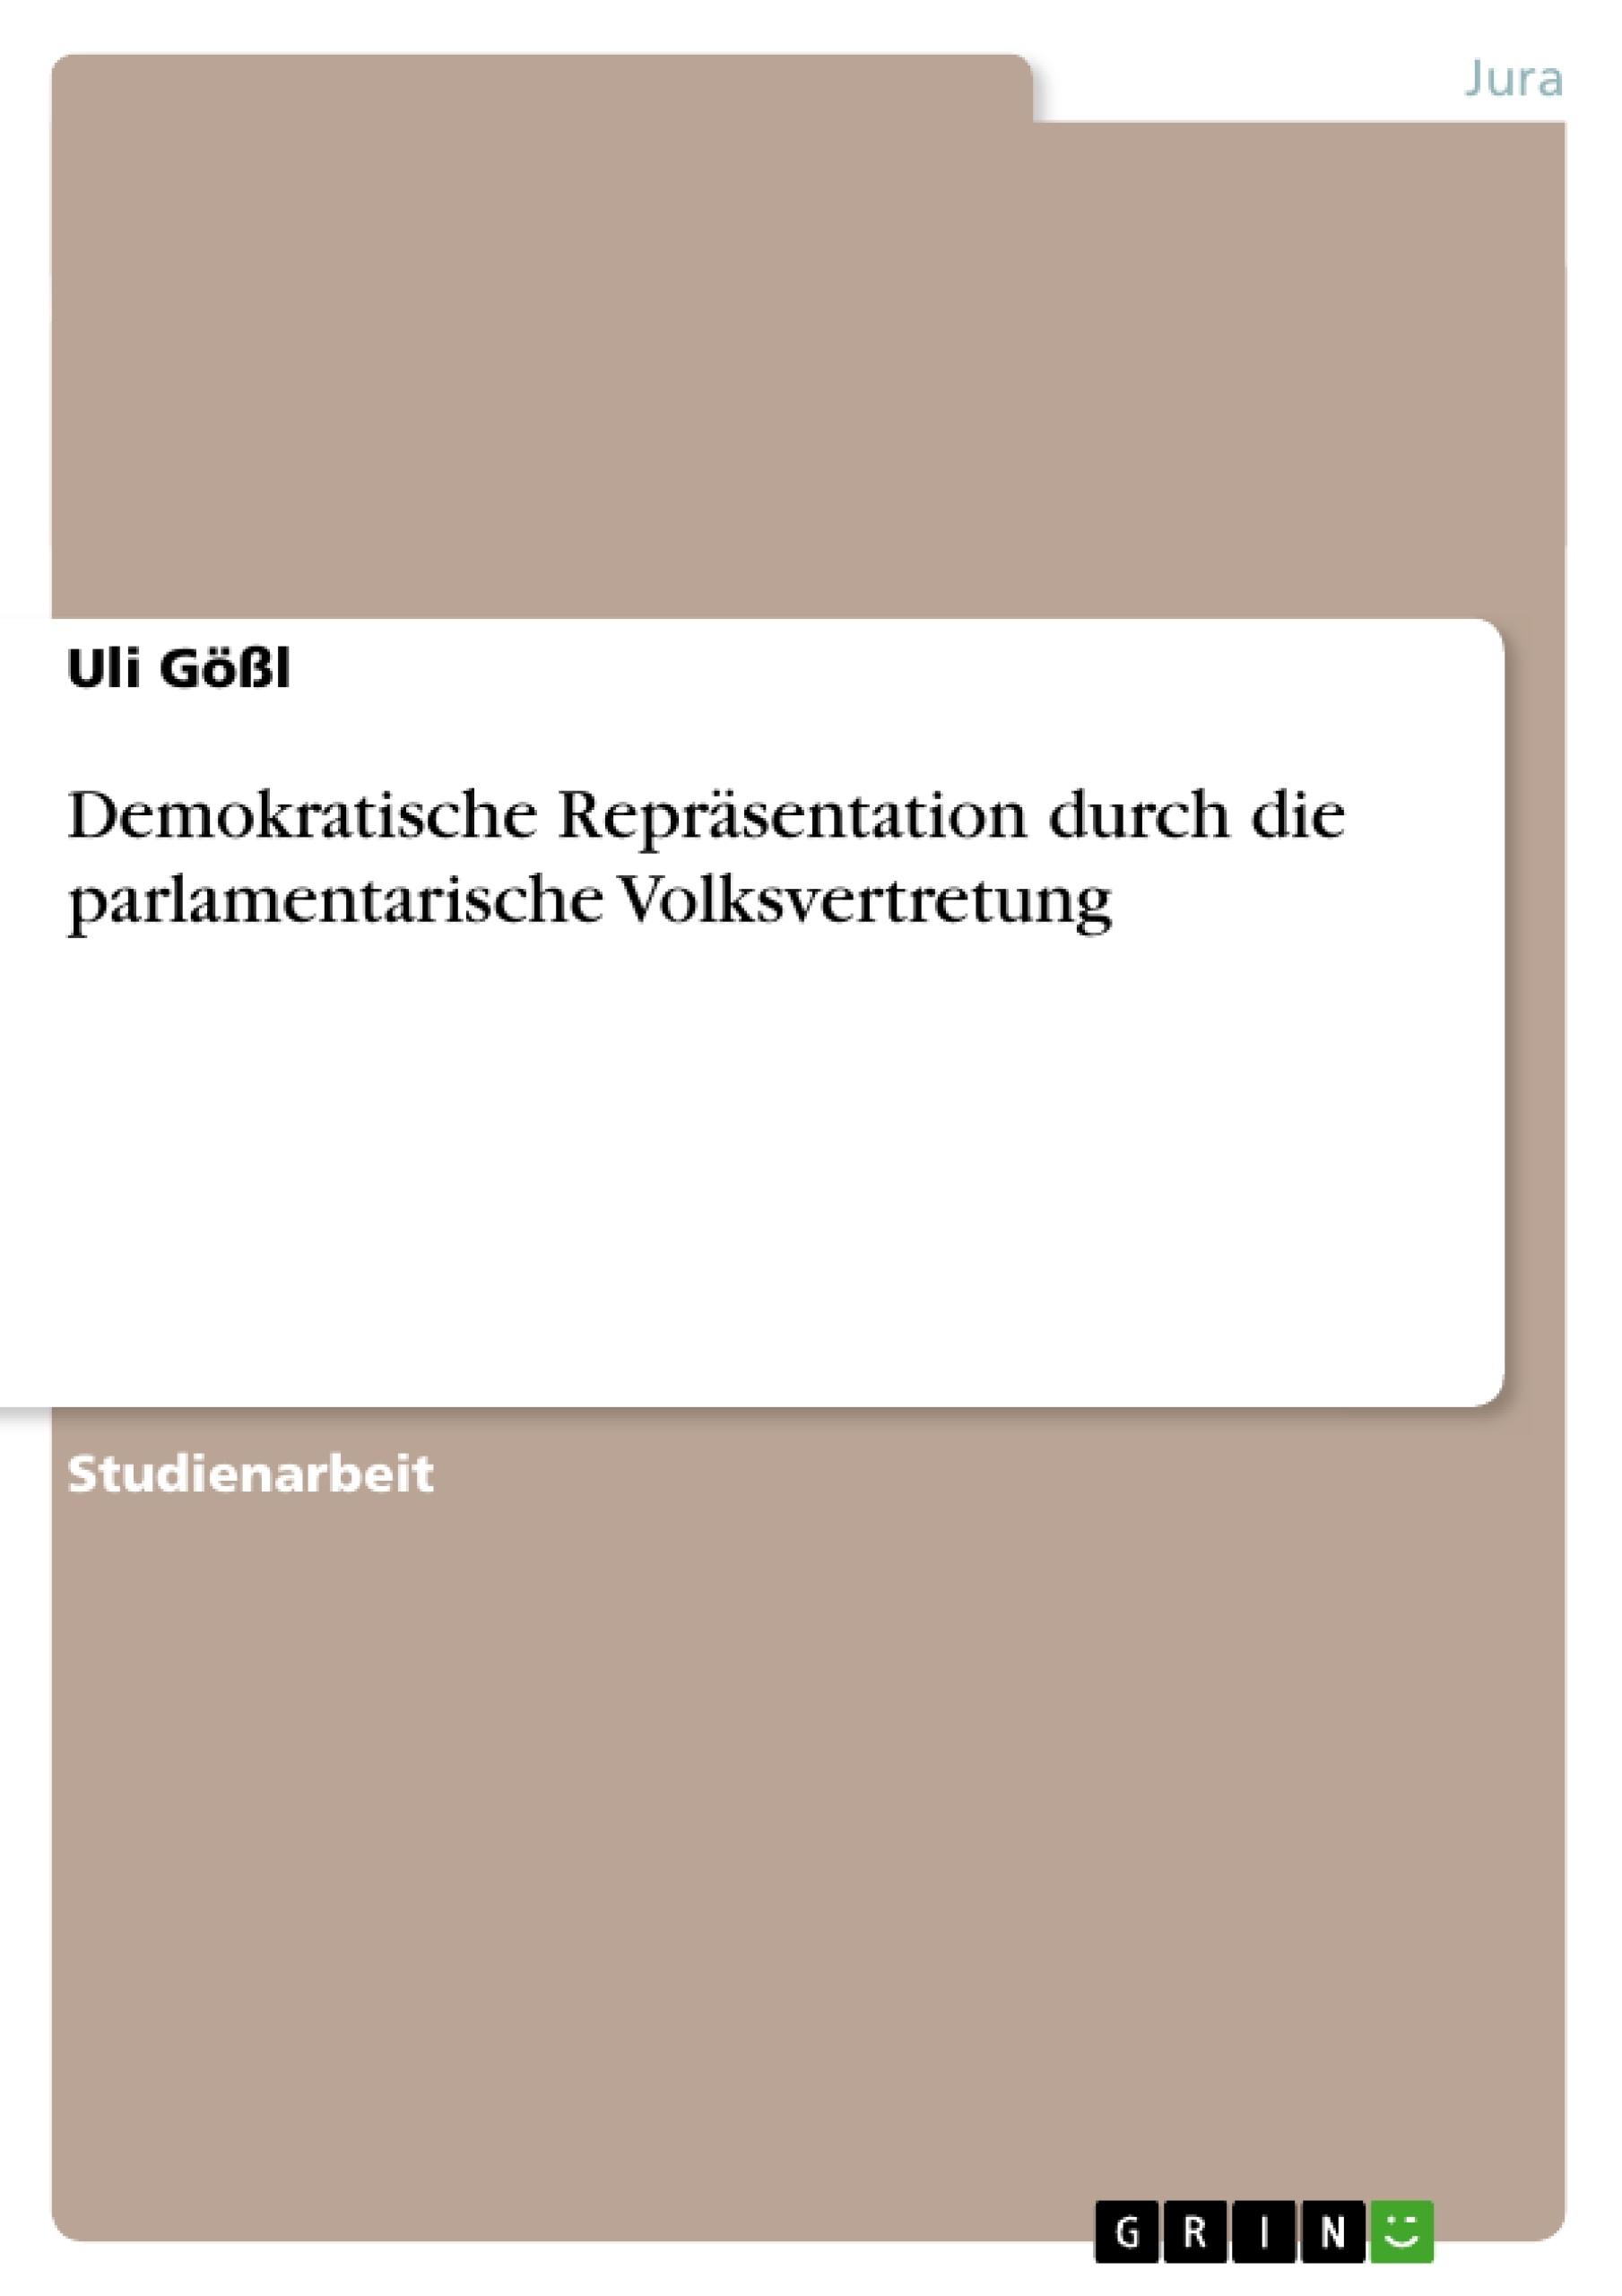 Titel: Demokratische Repräsentation durch die parlamentarische Volksvertretung